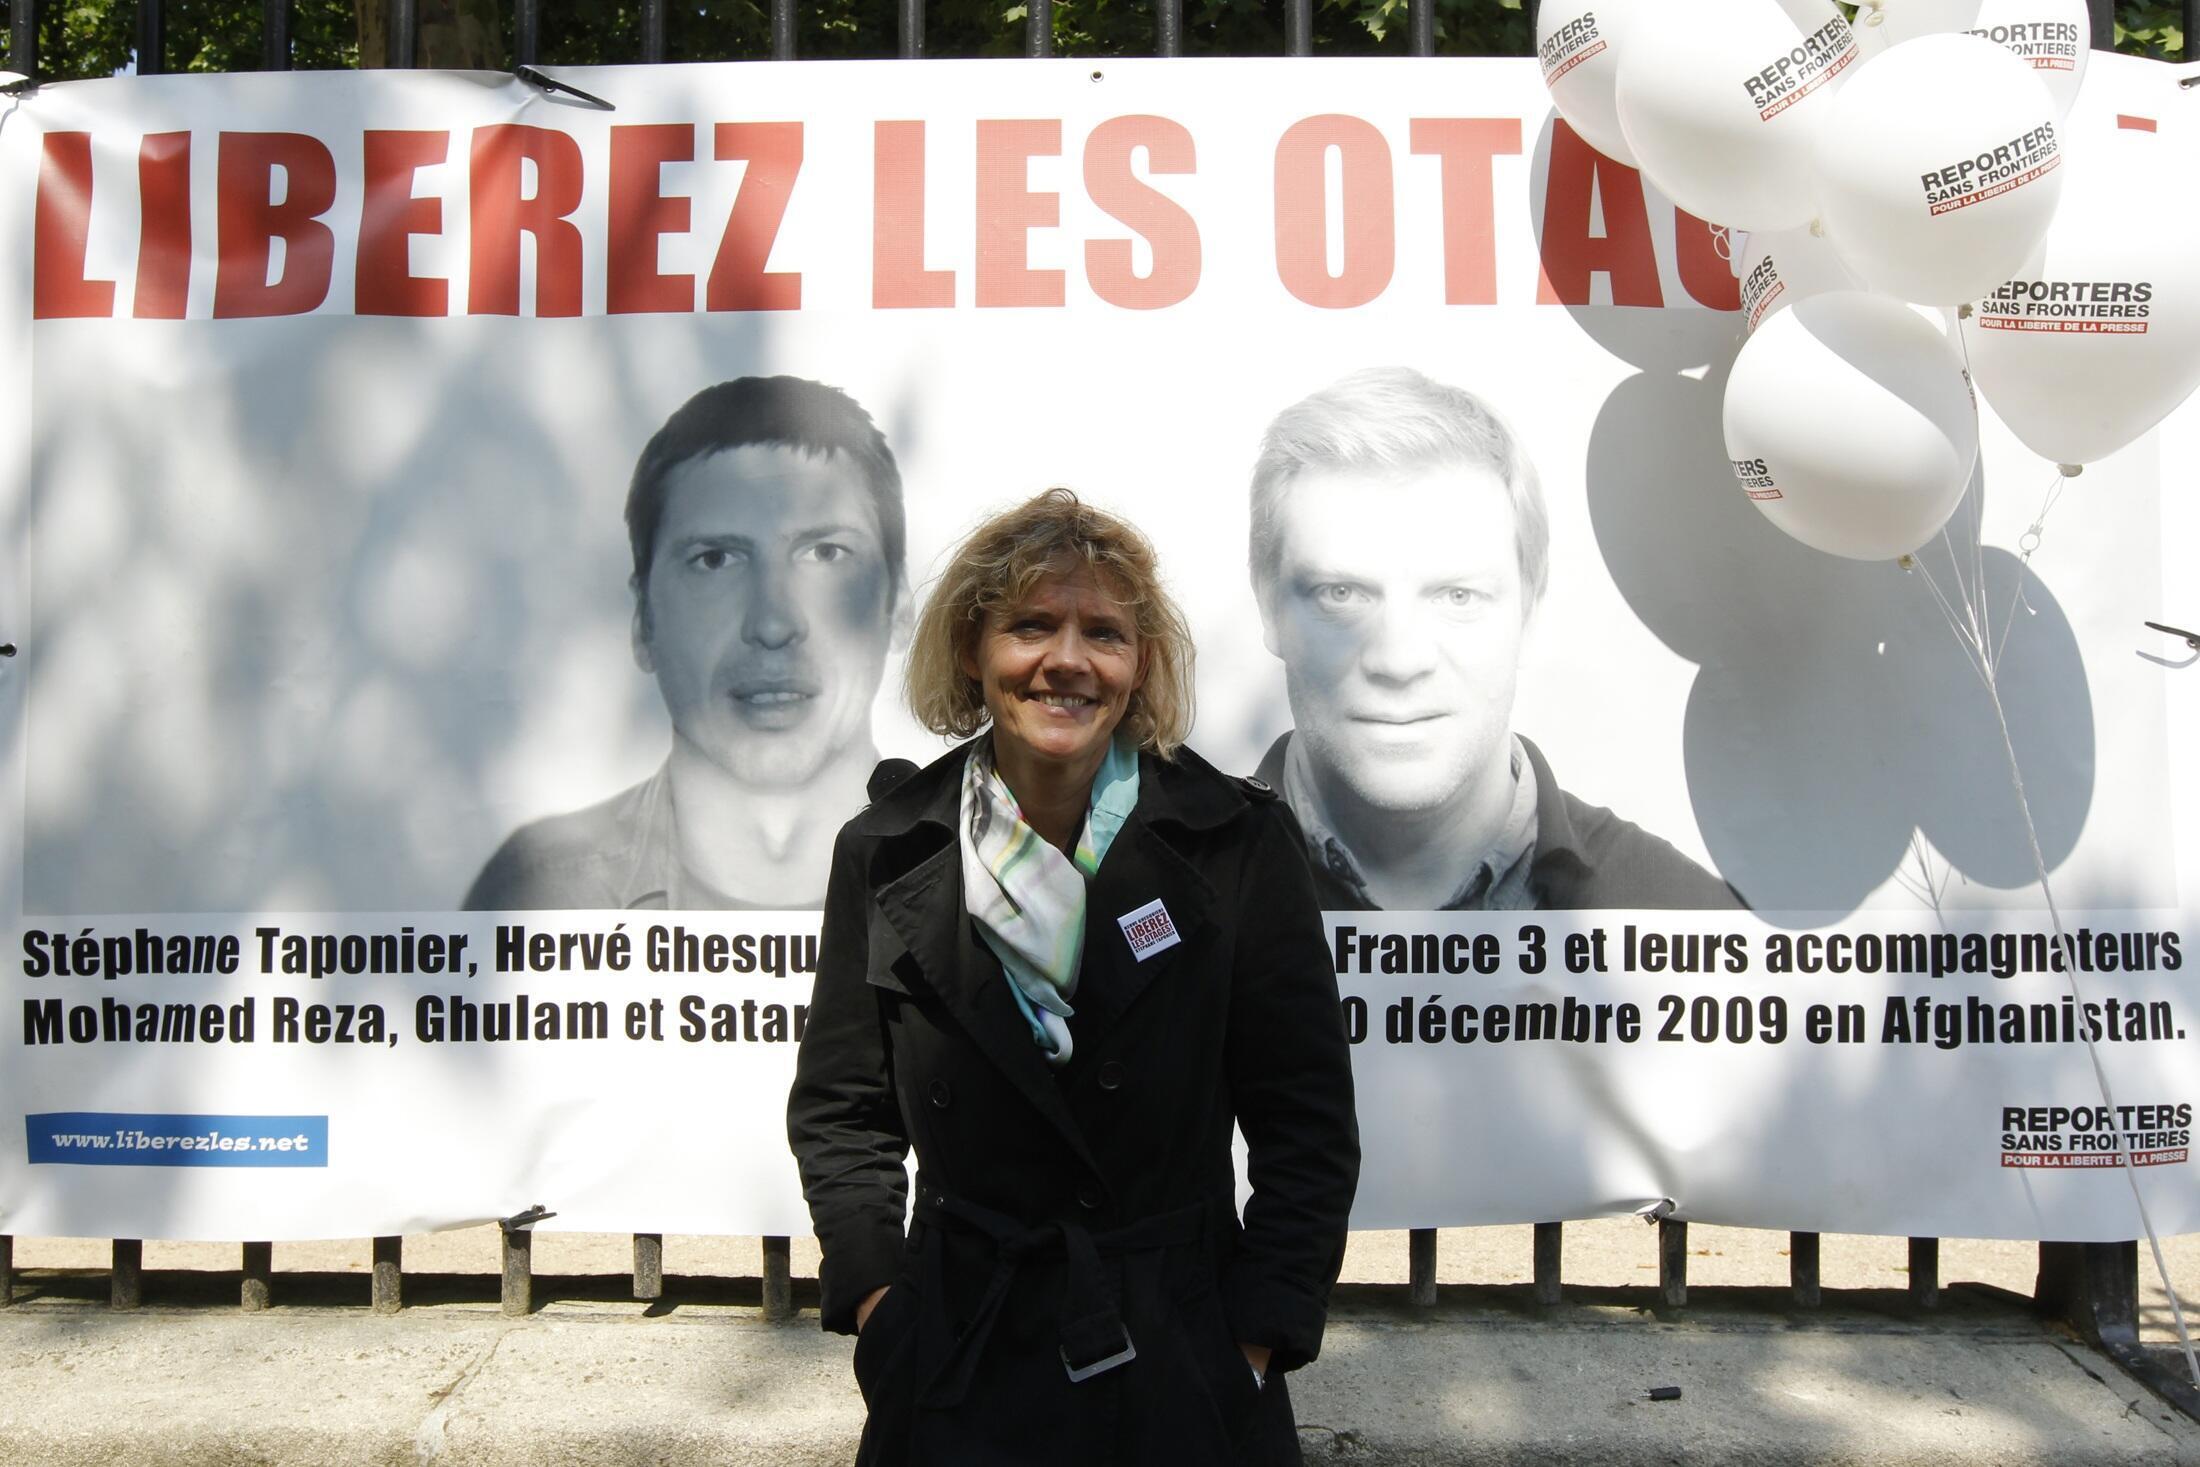 Журналистка Флоранс Обена, бывшая заложницей в Ираке, у плаката в поддержку С. Тапонье и Эрве Гескьера